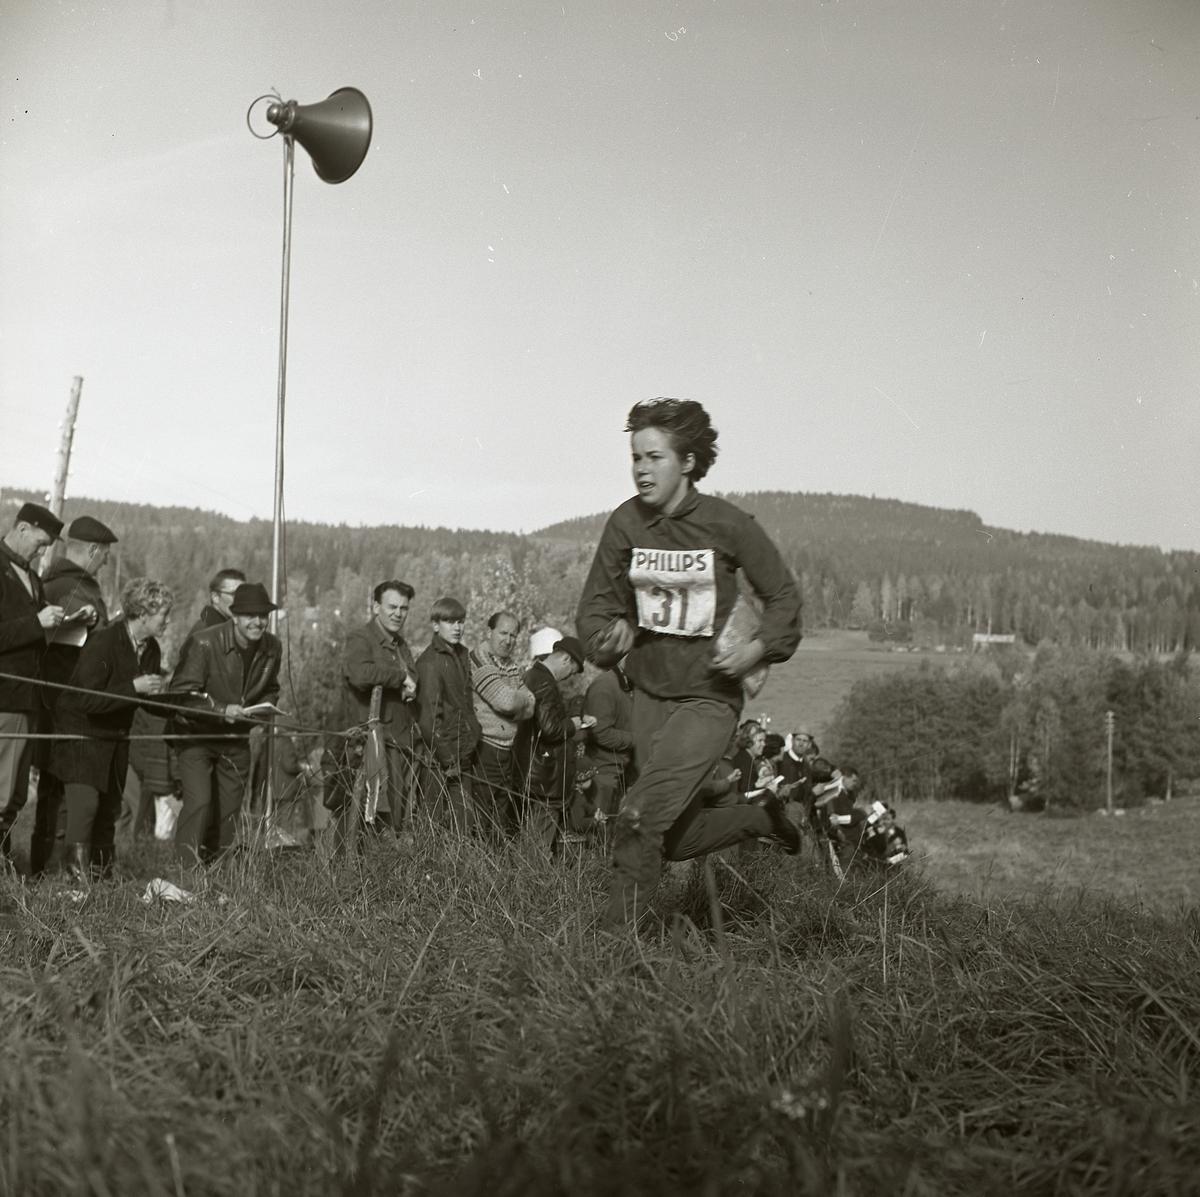 En kvinna springer iförd nummerlapp upp för en backe. Hon bär på en karta och är deltagare i svenska mästerskapen i orientering som hålls i Segersta 1965. Till vänster har en publik samlats bakom en avspärrning. På en stolpe sitter en högtalare som är placerad mitt i folkhopen.